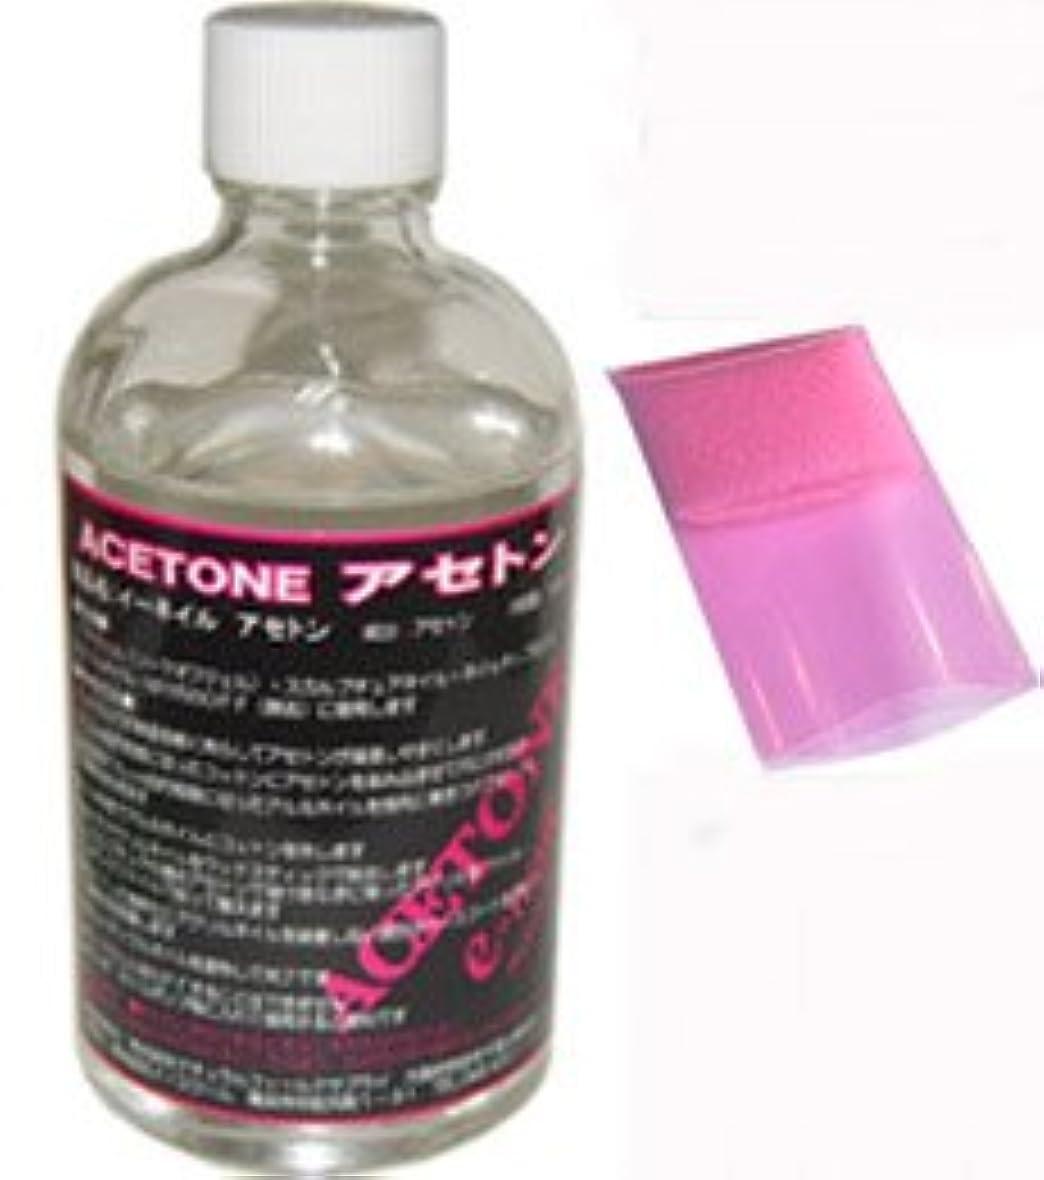 ピルファー邪悪なヘロインe-nail アセトン100ml + ガスバリア 10枚